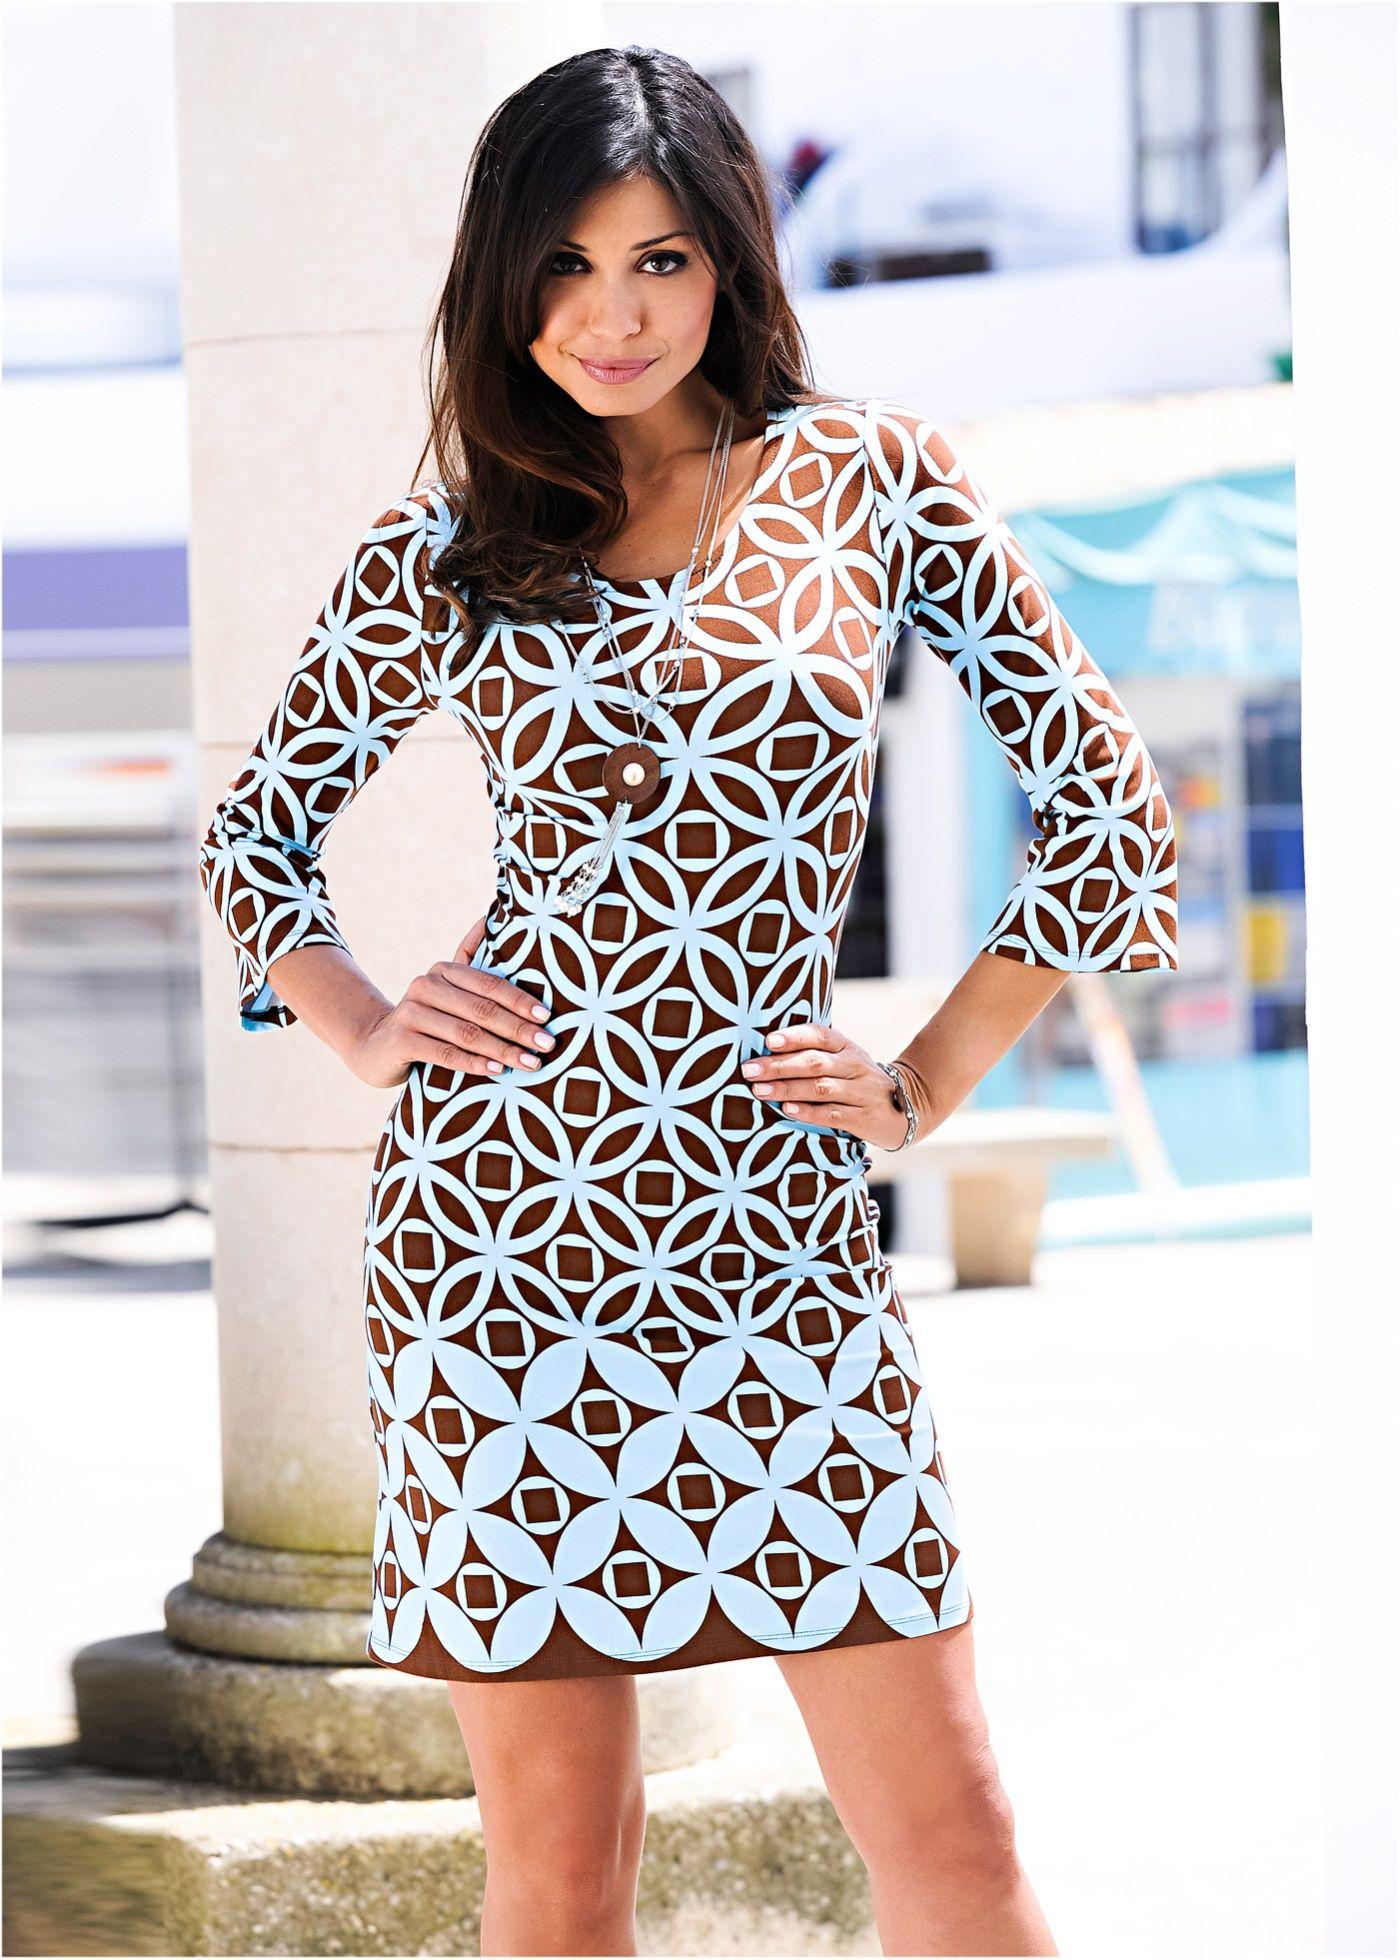 60194ce478 Vestido tubinho estampado marrom azul encomendar agora na loja on-line  bonprix.de